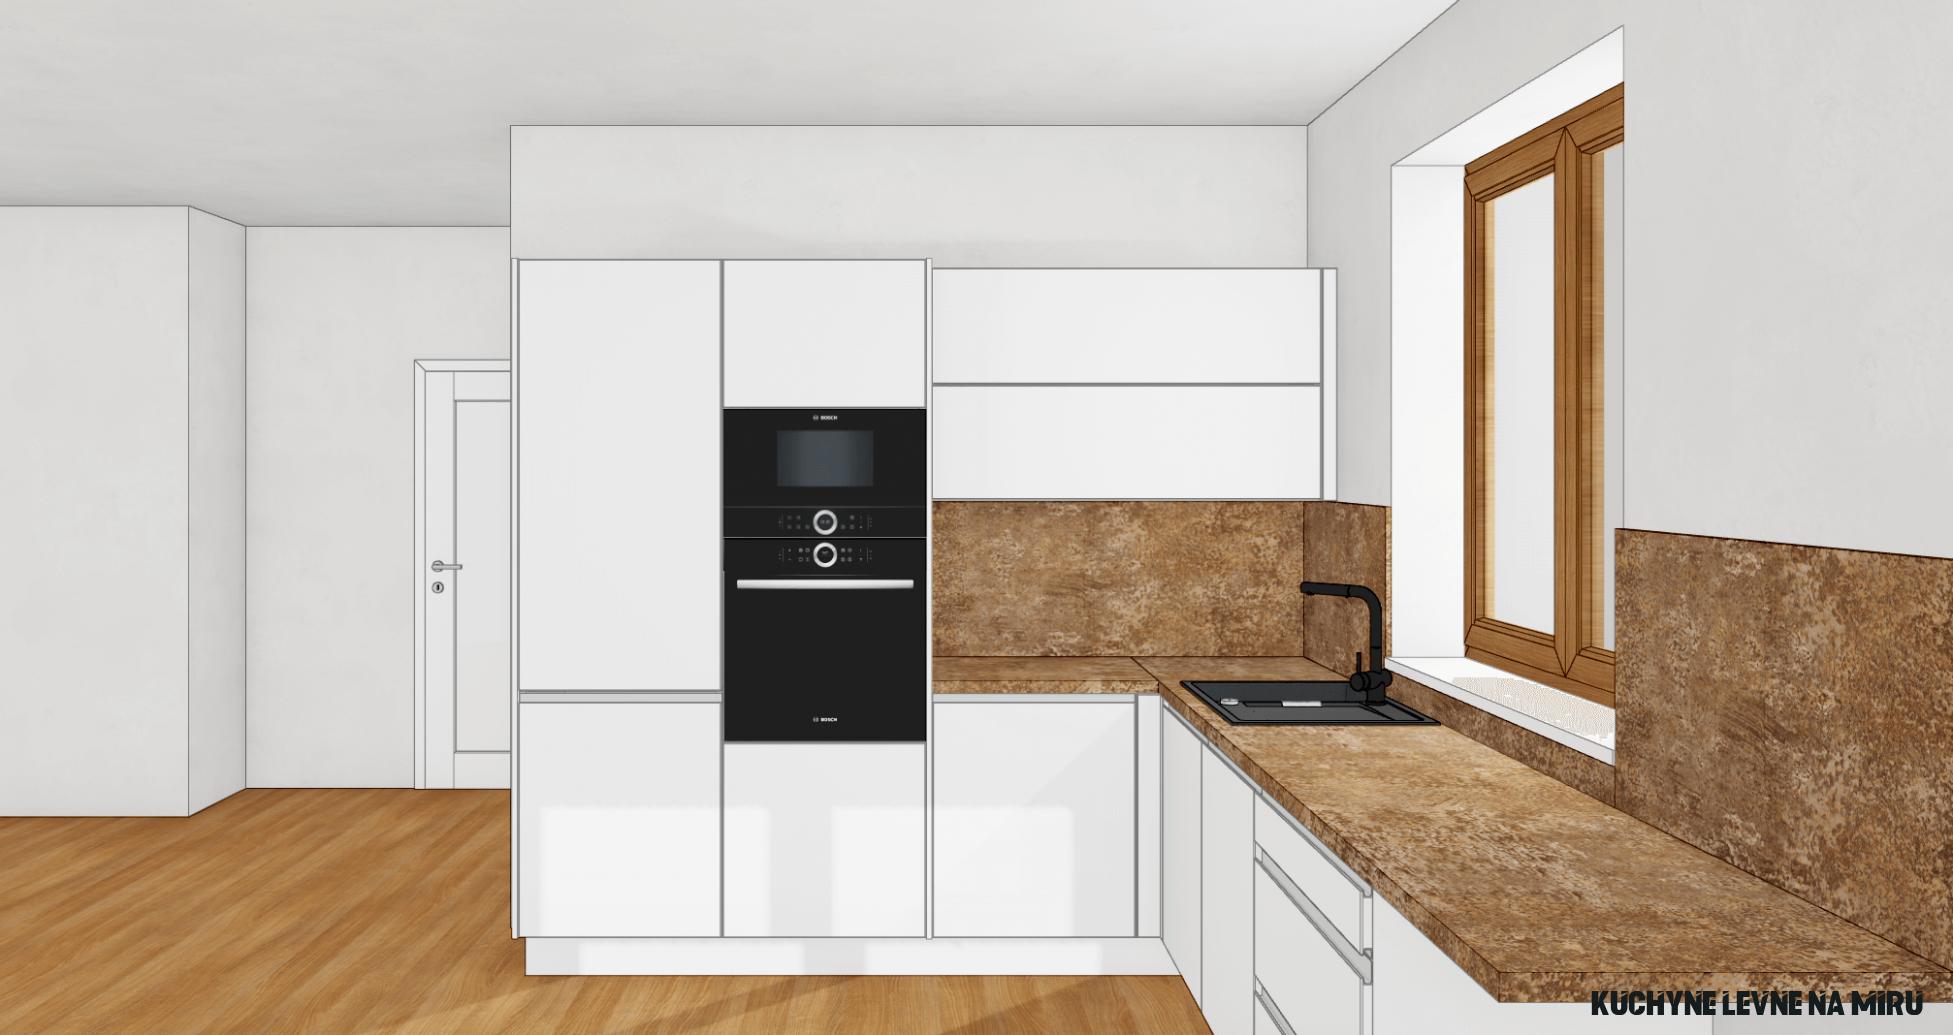 Matné kuchyně - Kuchyně cenové příklady